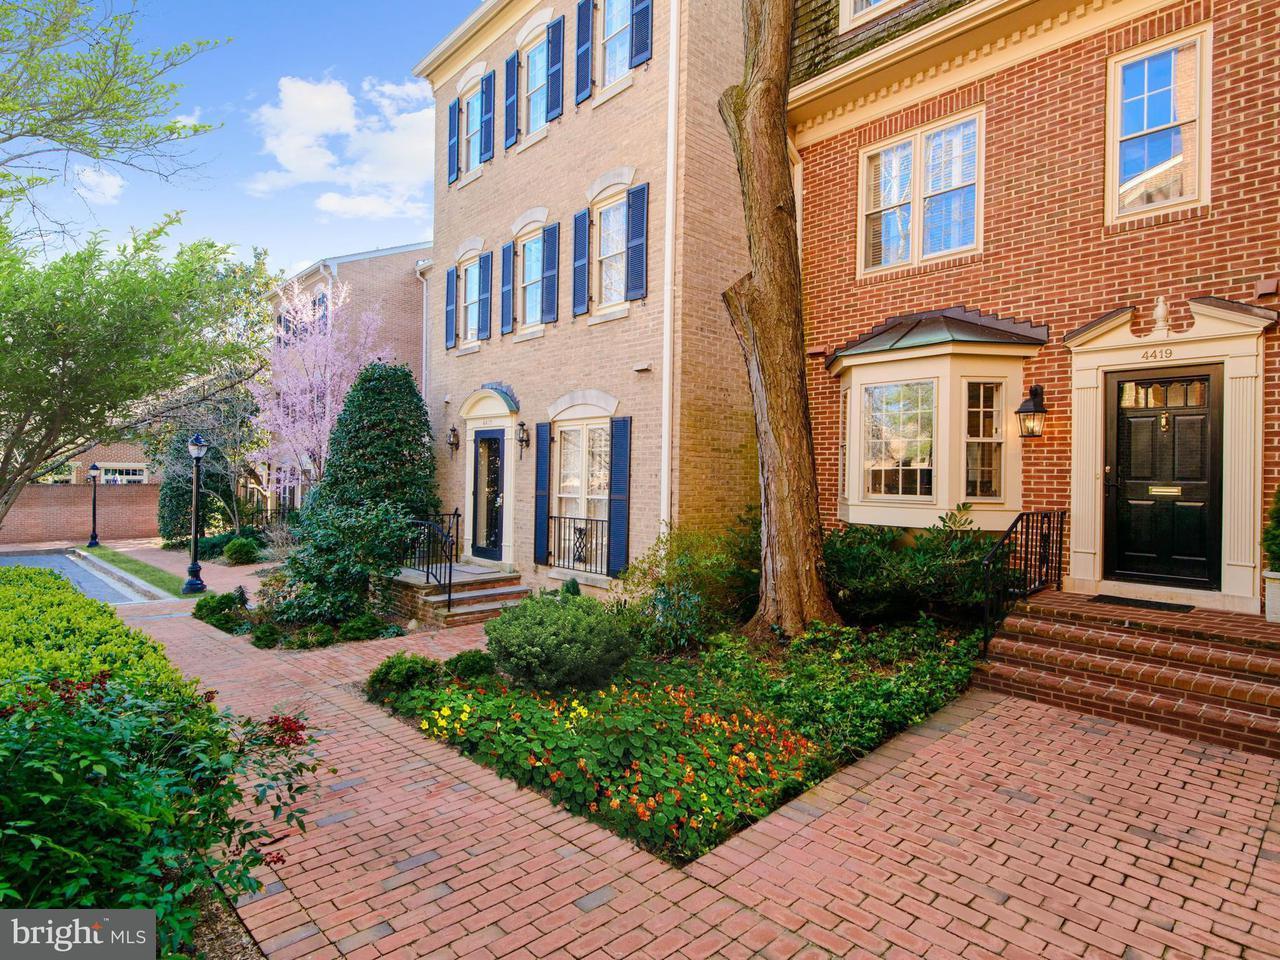 多棟聯建住宅 為 出售 在 4419 Westover Pl Nw 4419 Westover Pl Nw Washington, 哥倫比亞特區 20016 美國